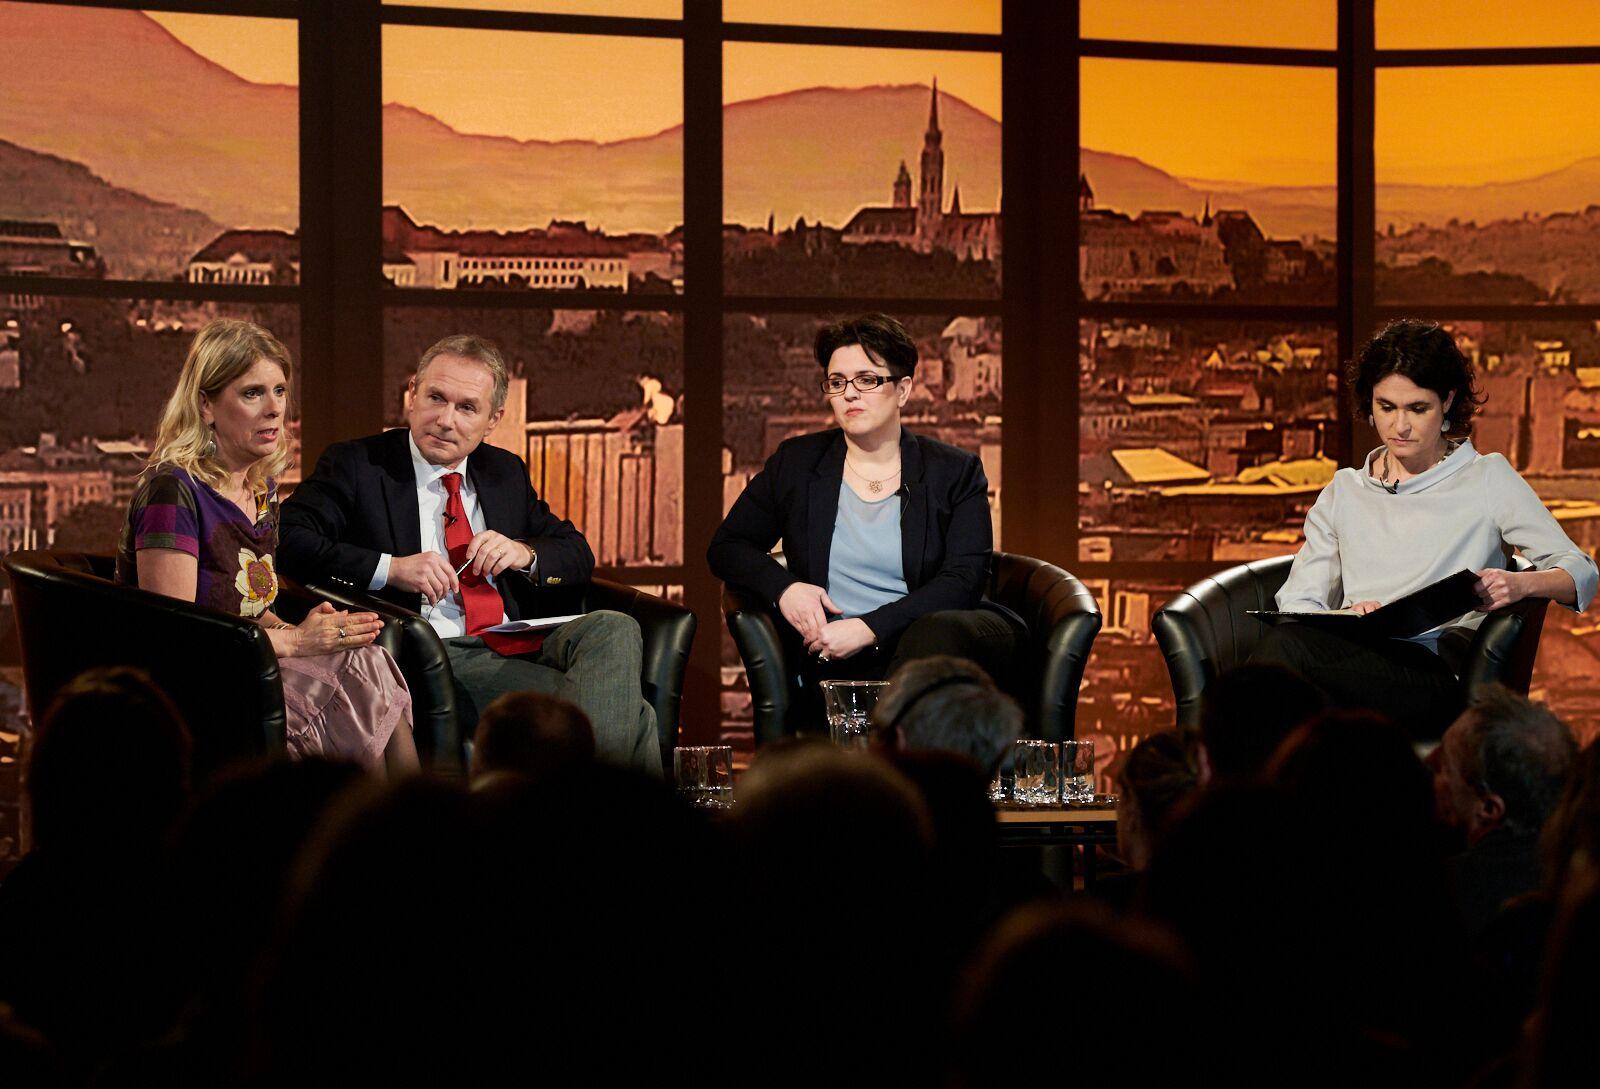 Balról-jobbra: Ürge-Vorsatz Diána, Kőrösi Csaba és Nagy Réka. (Fotó: CEU/Vegel Dániel)